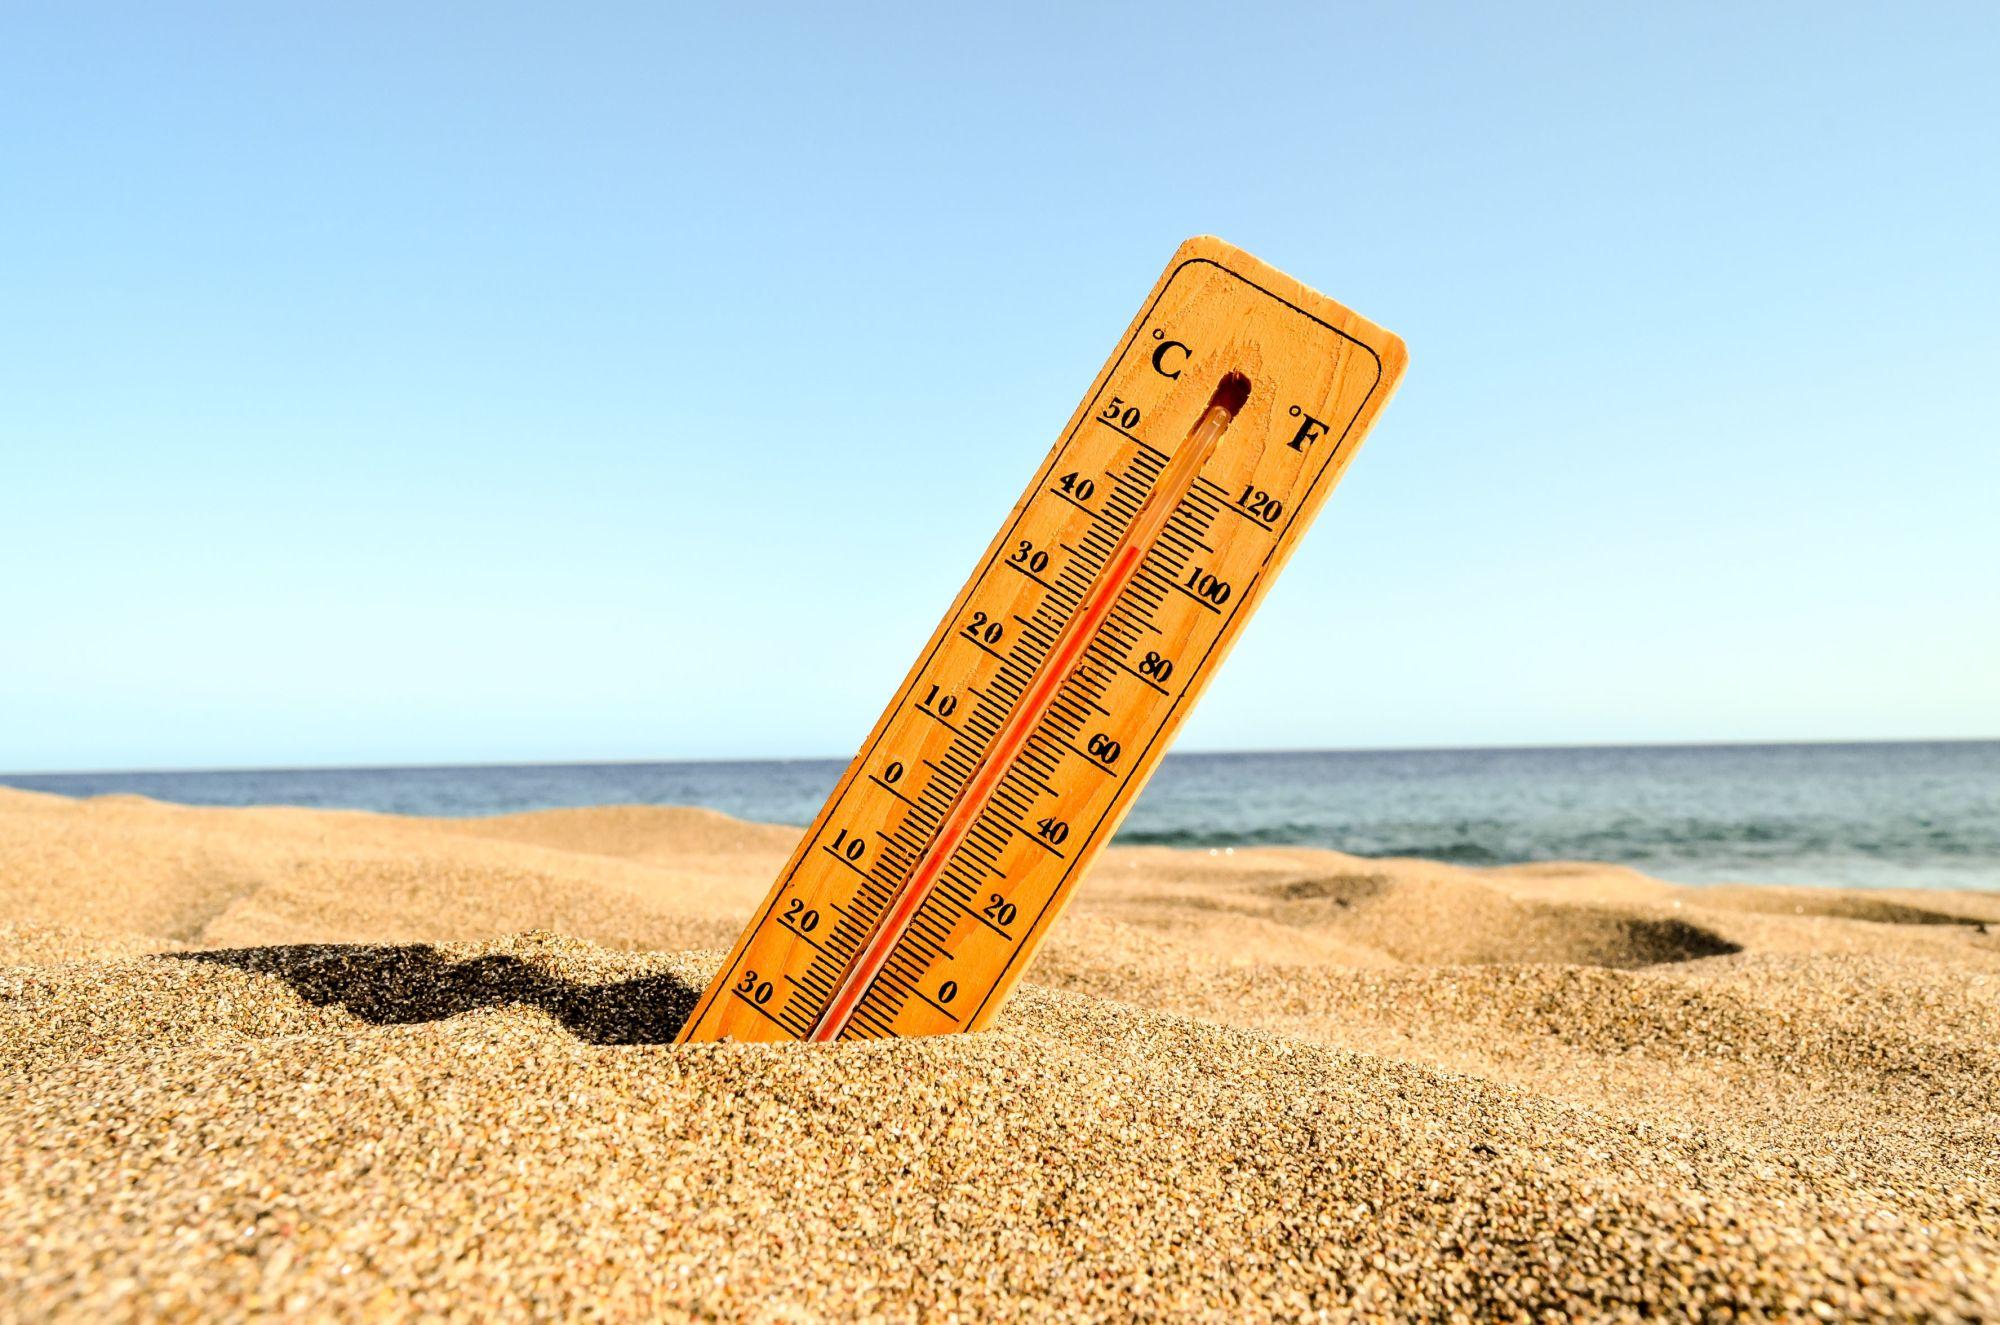 Időjárás állomással előre felkészülhetsz az extrém időkre